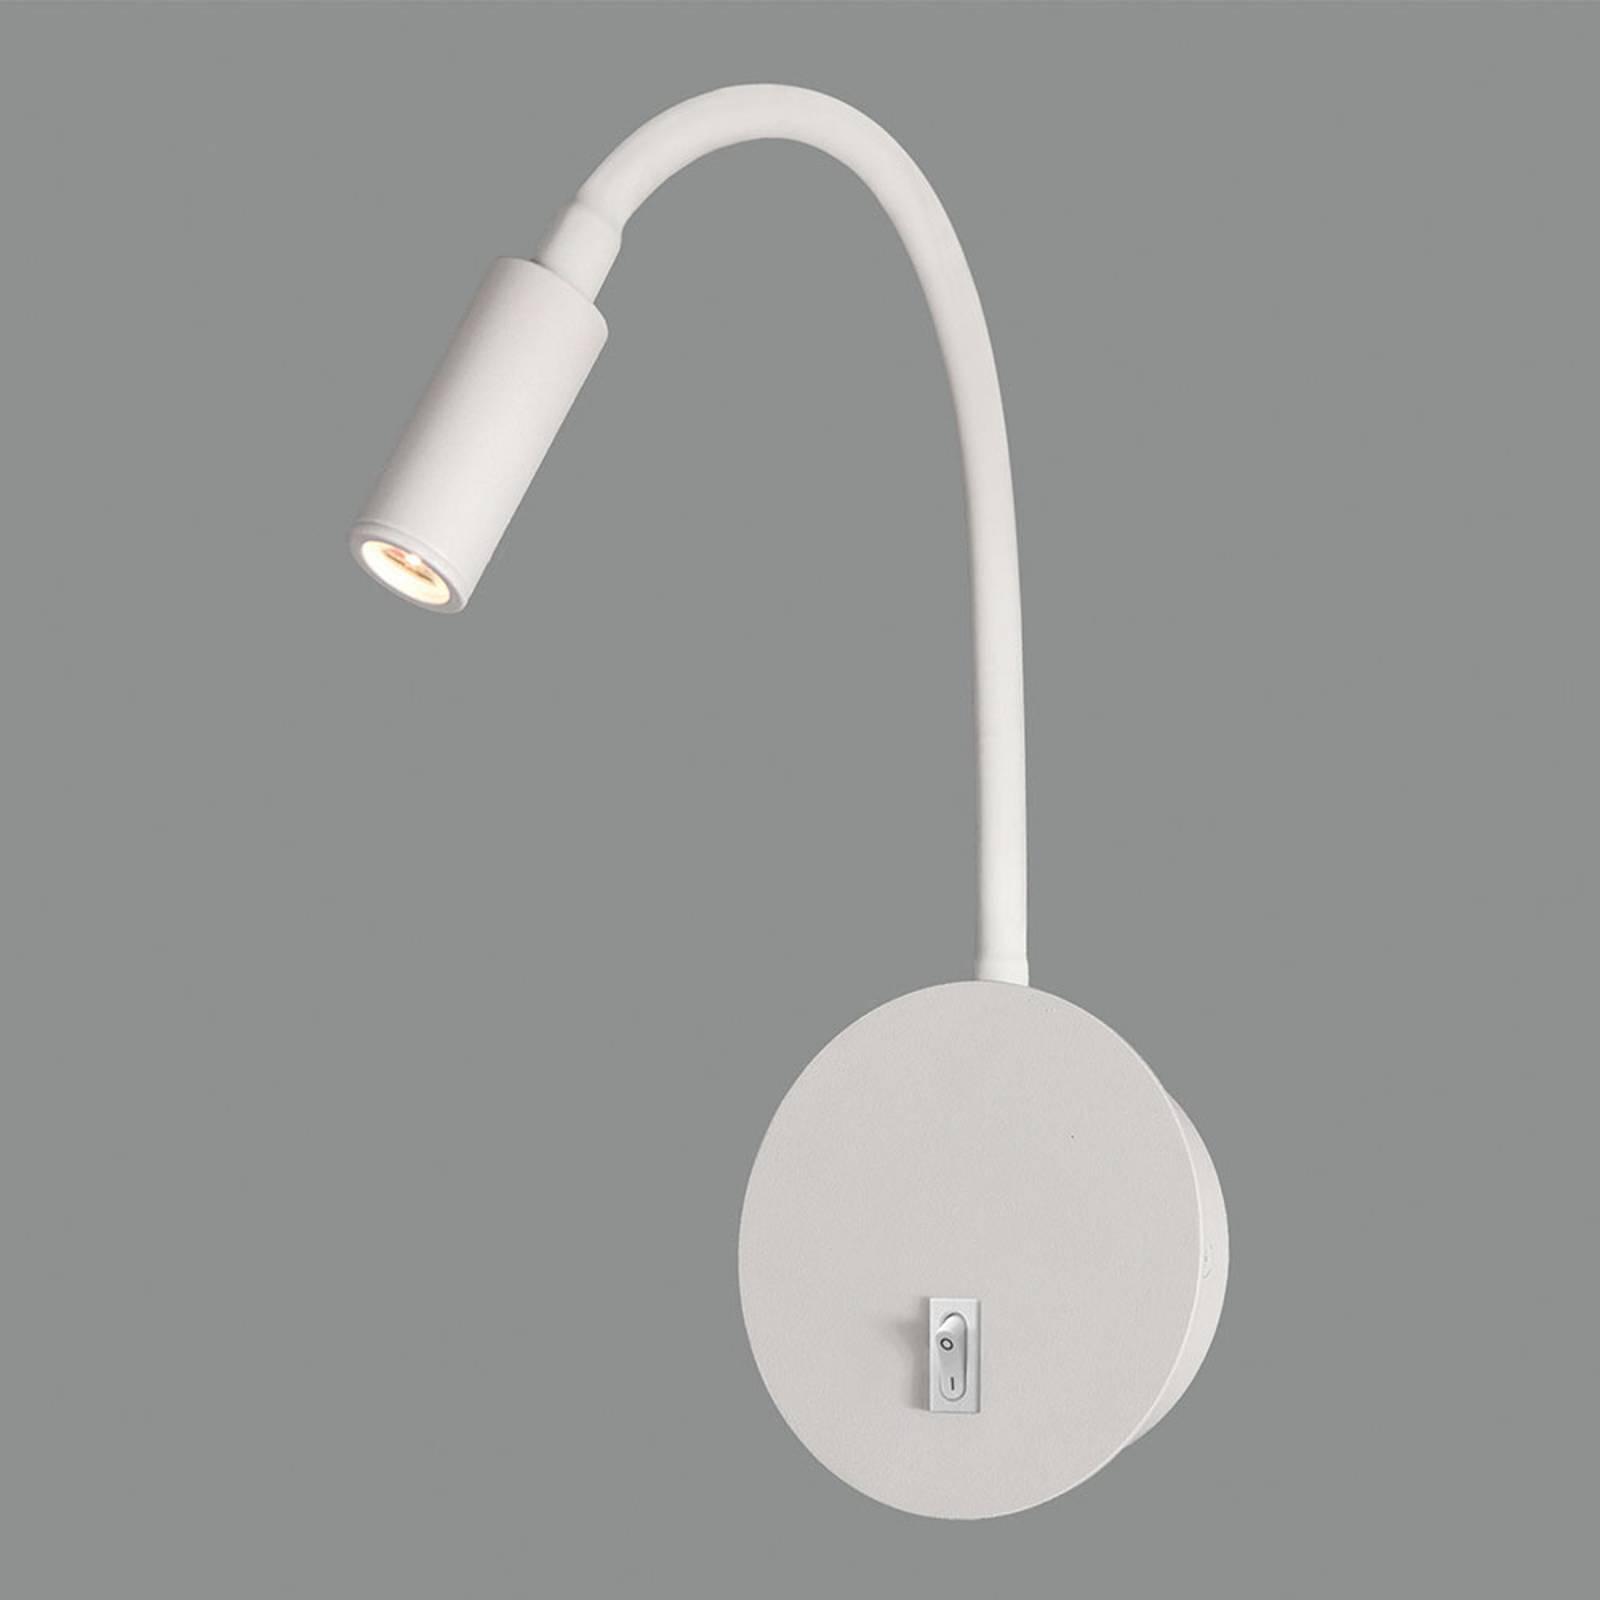 LED-Wandleuchte Lyon mit Flexarm, weiß